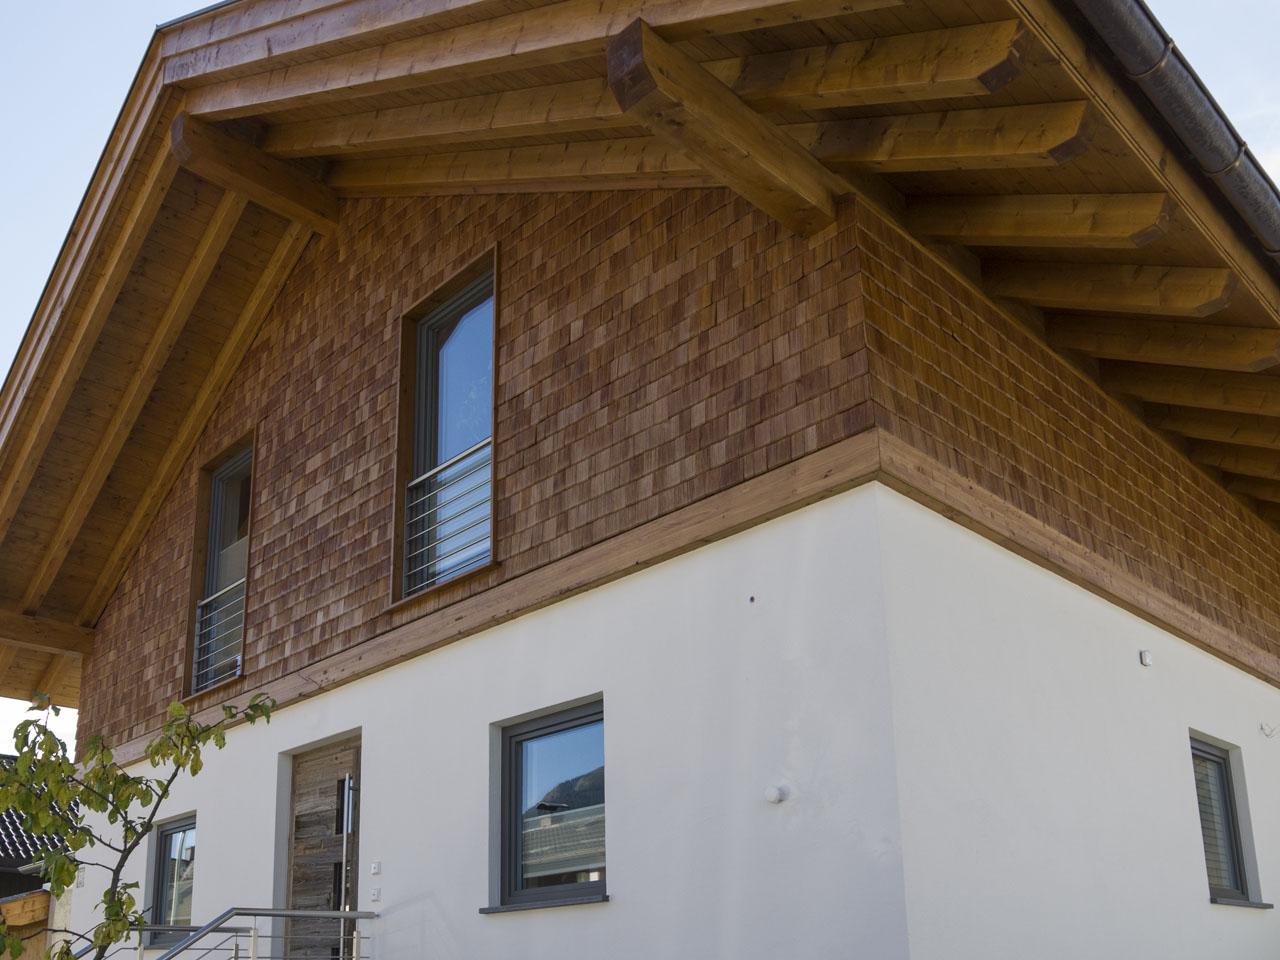 Einfamilienhaus Mit Einer Fassade Aus Holzschindeln Zimmerei